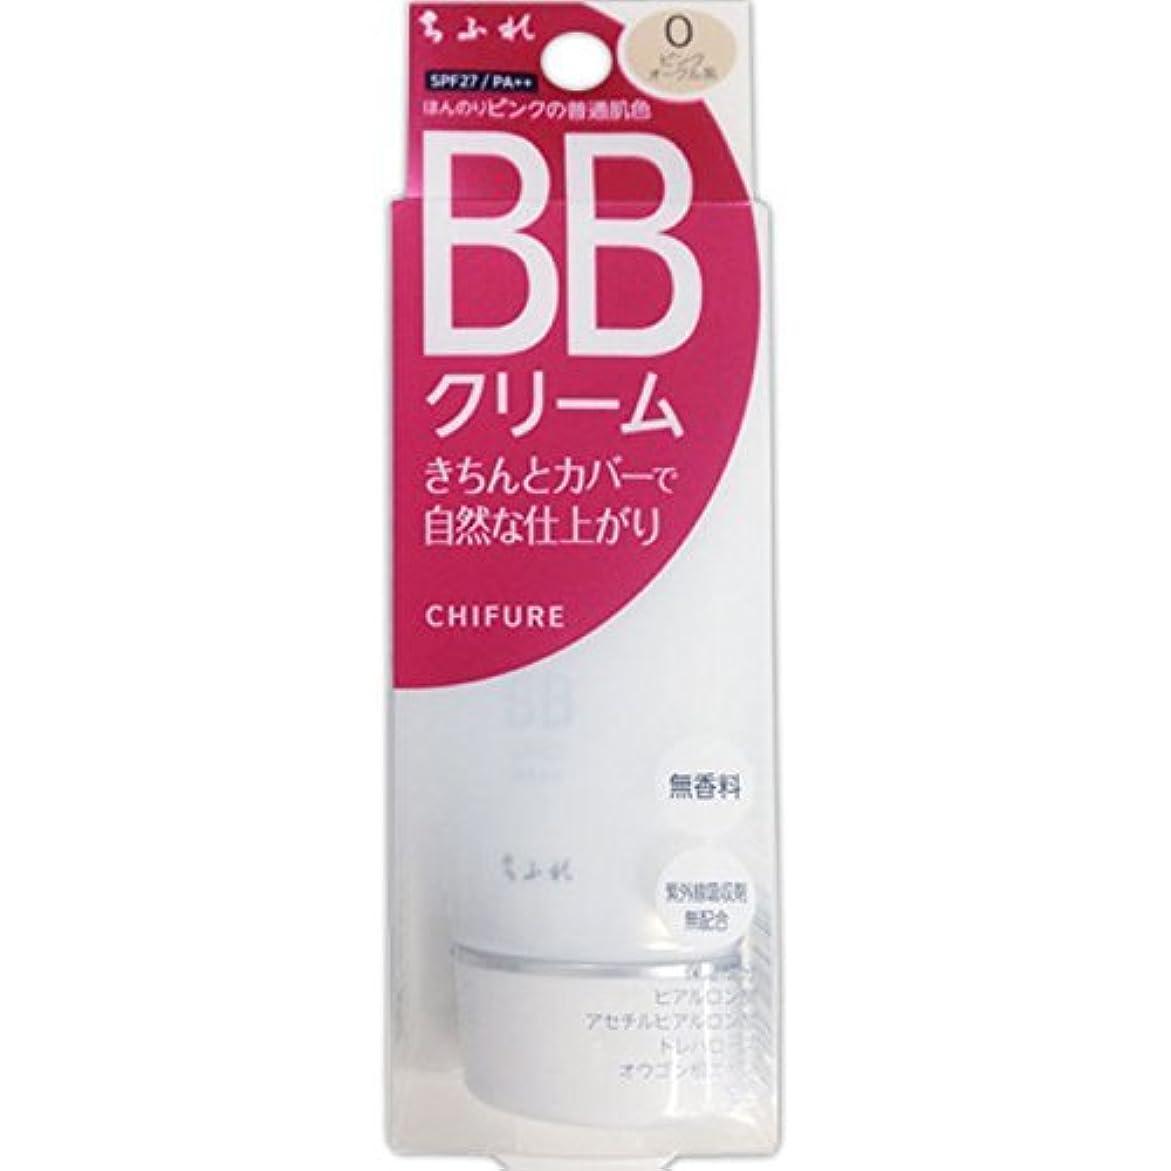 不承認出血にぎやかちふれ化粧品 BB クリーム ほんのりピンクの普通肌色 0